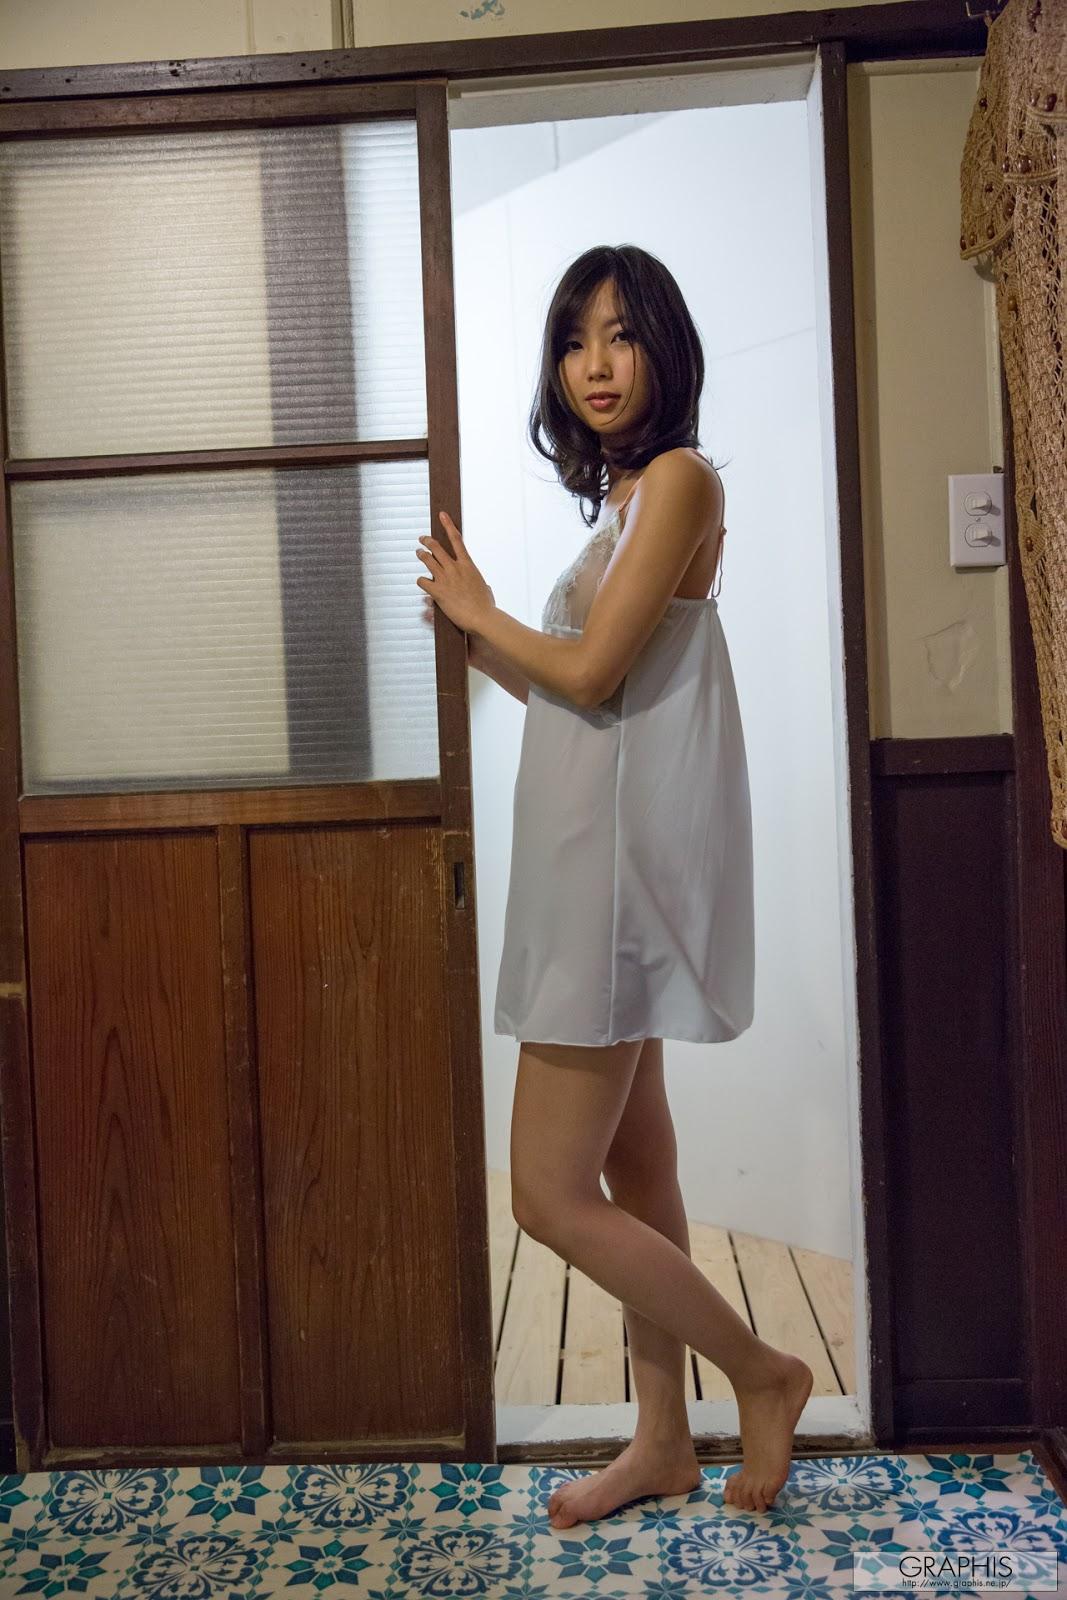 竹田ゆめ 画像 106